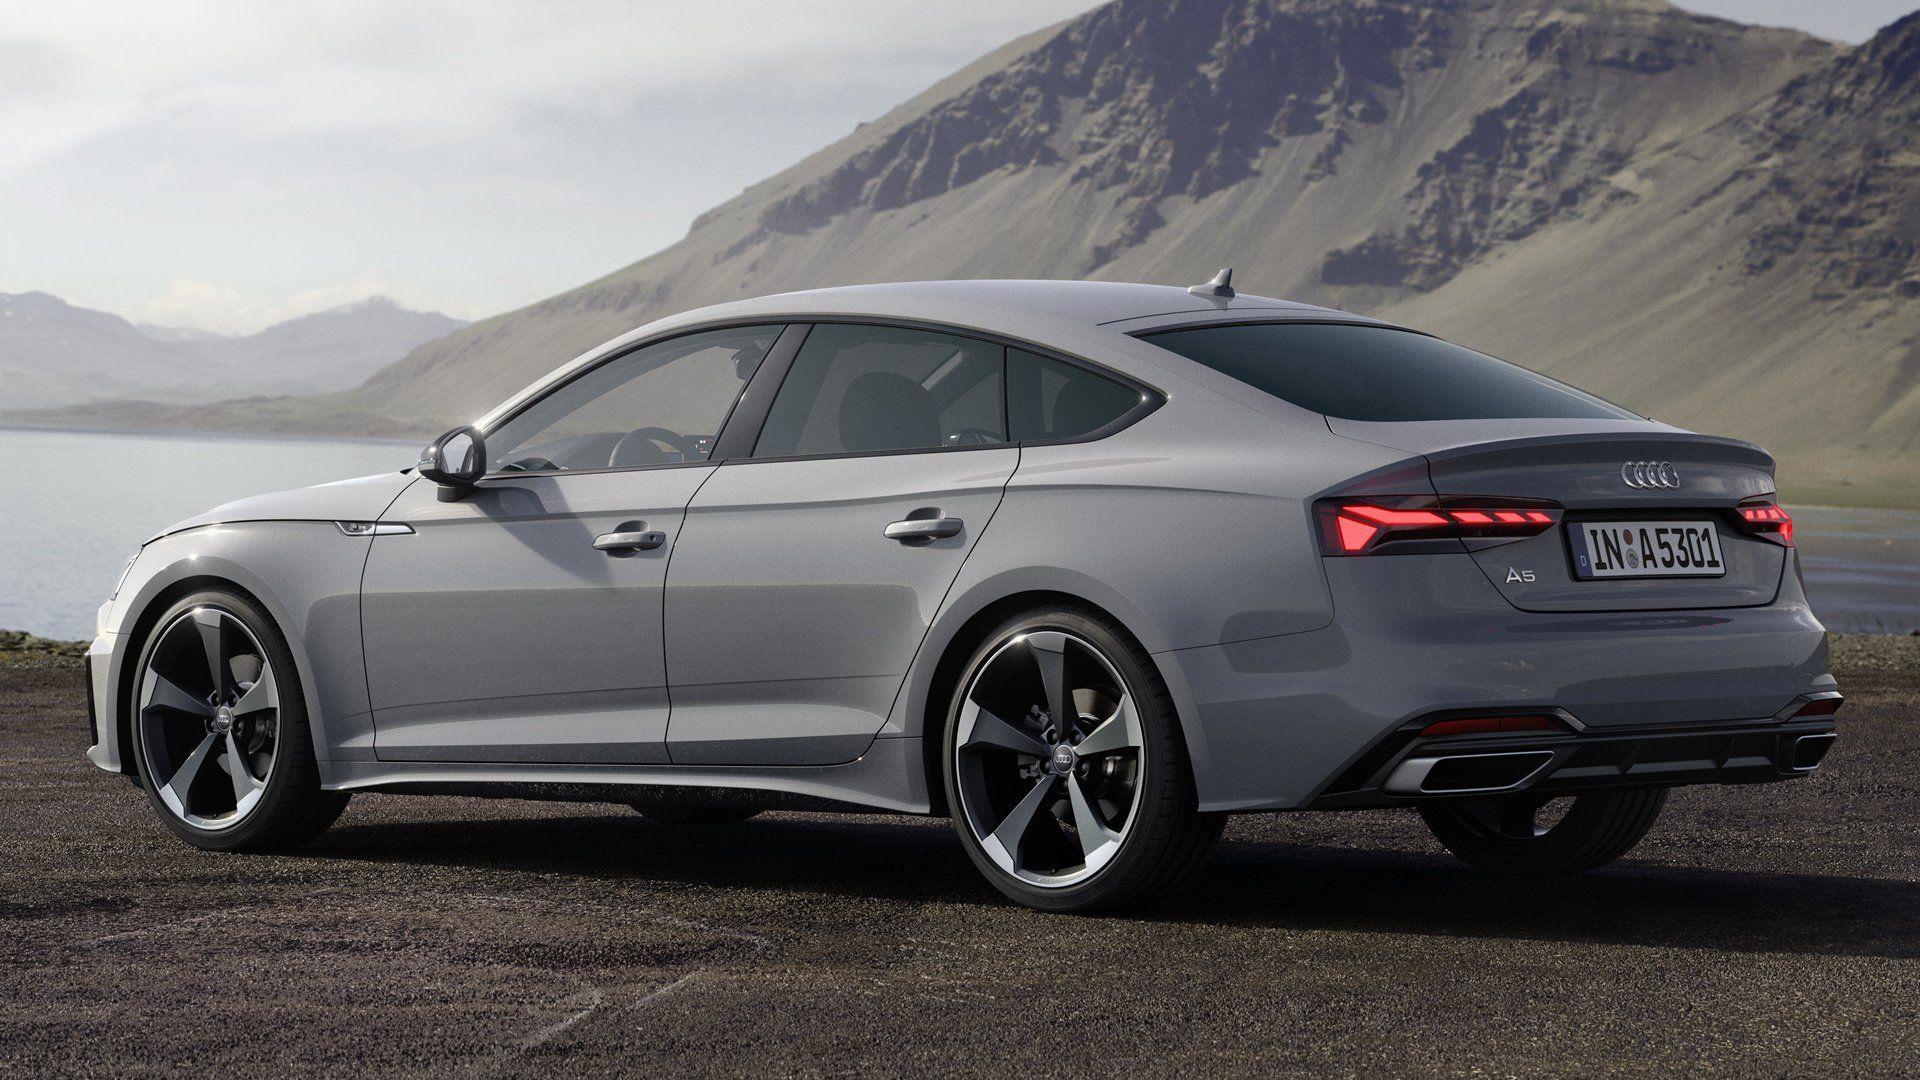 Nouvelle Audi A5 Sportback 2020 Les Modeles Coupe Decapotable Et Sportback De L Audi A5 Sont En Train De Changer De Style Regardez La Gamme Des Audi A5 2 Carros